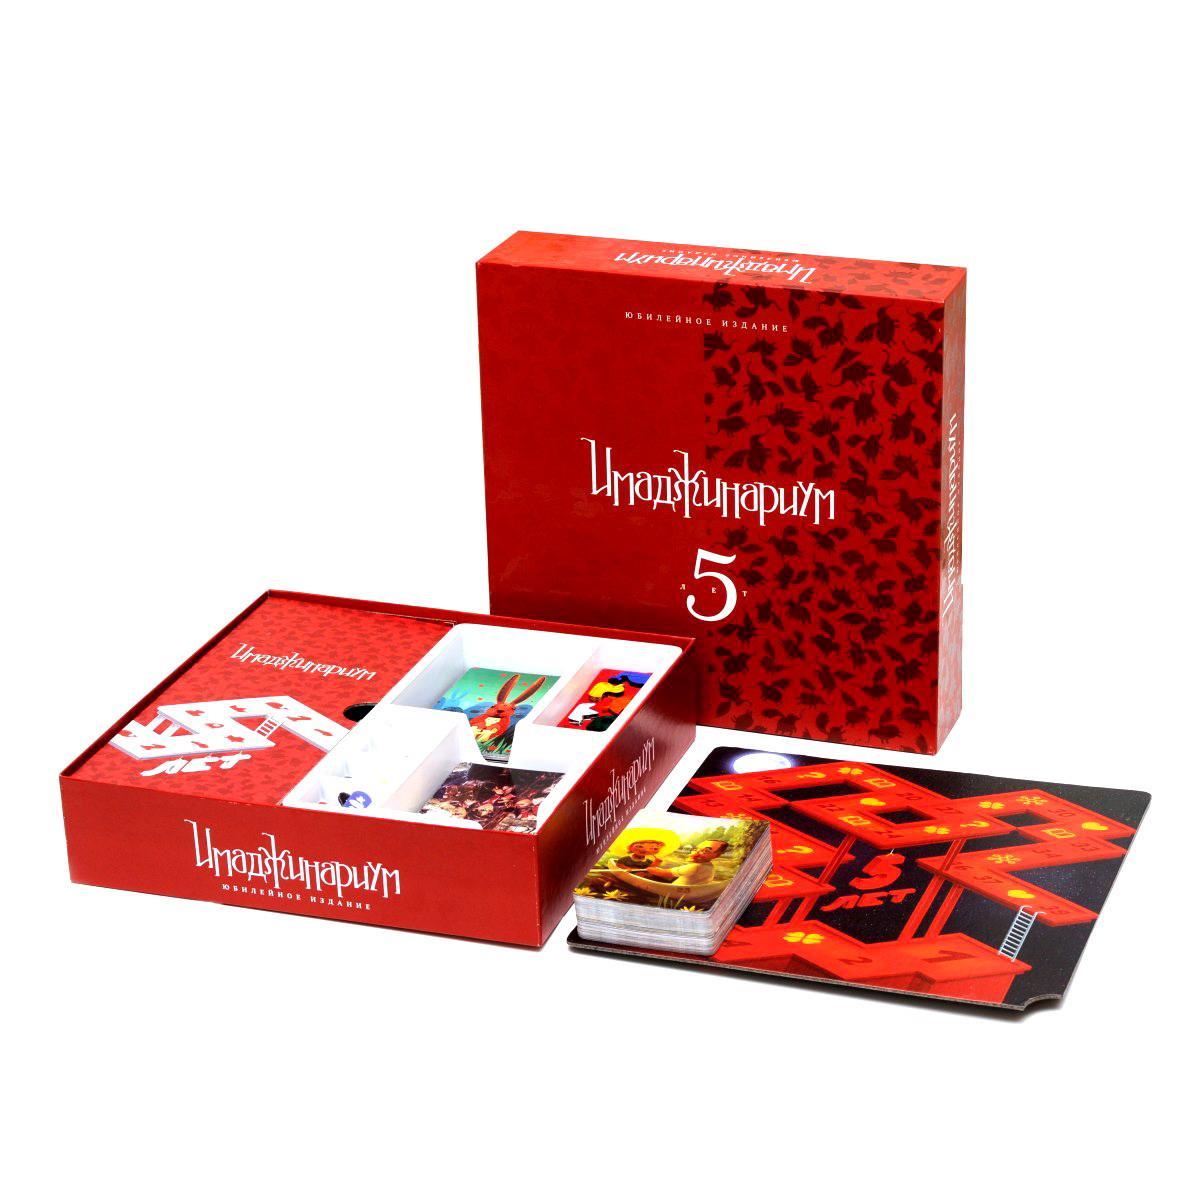 Настольная игра COSMODROME GAMES 52013 Имаджинариум 5 лет